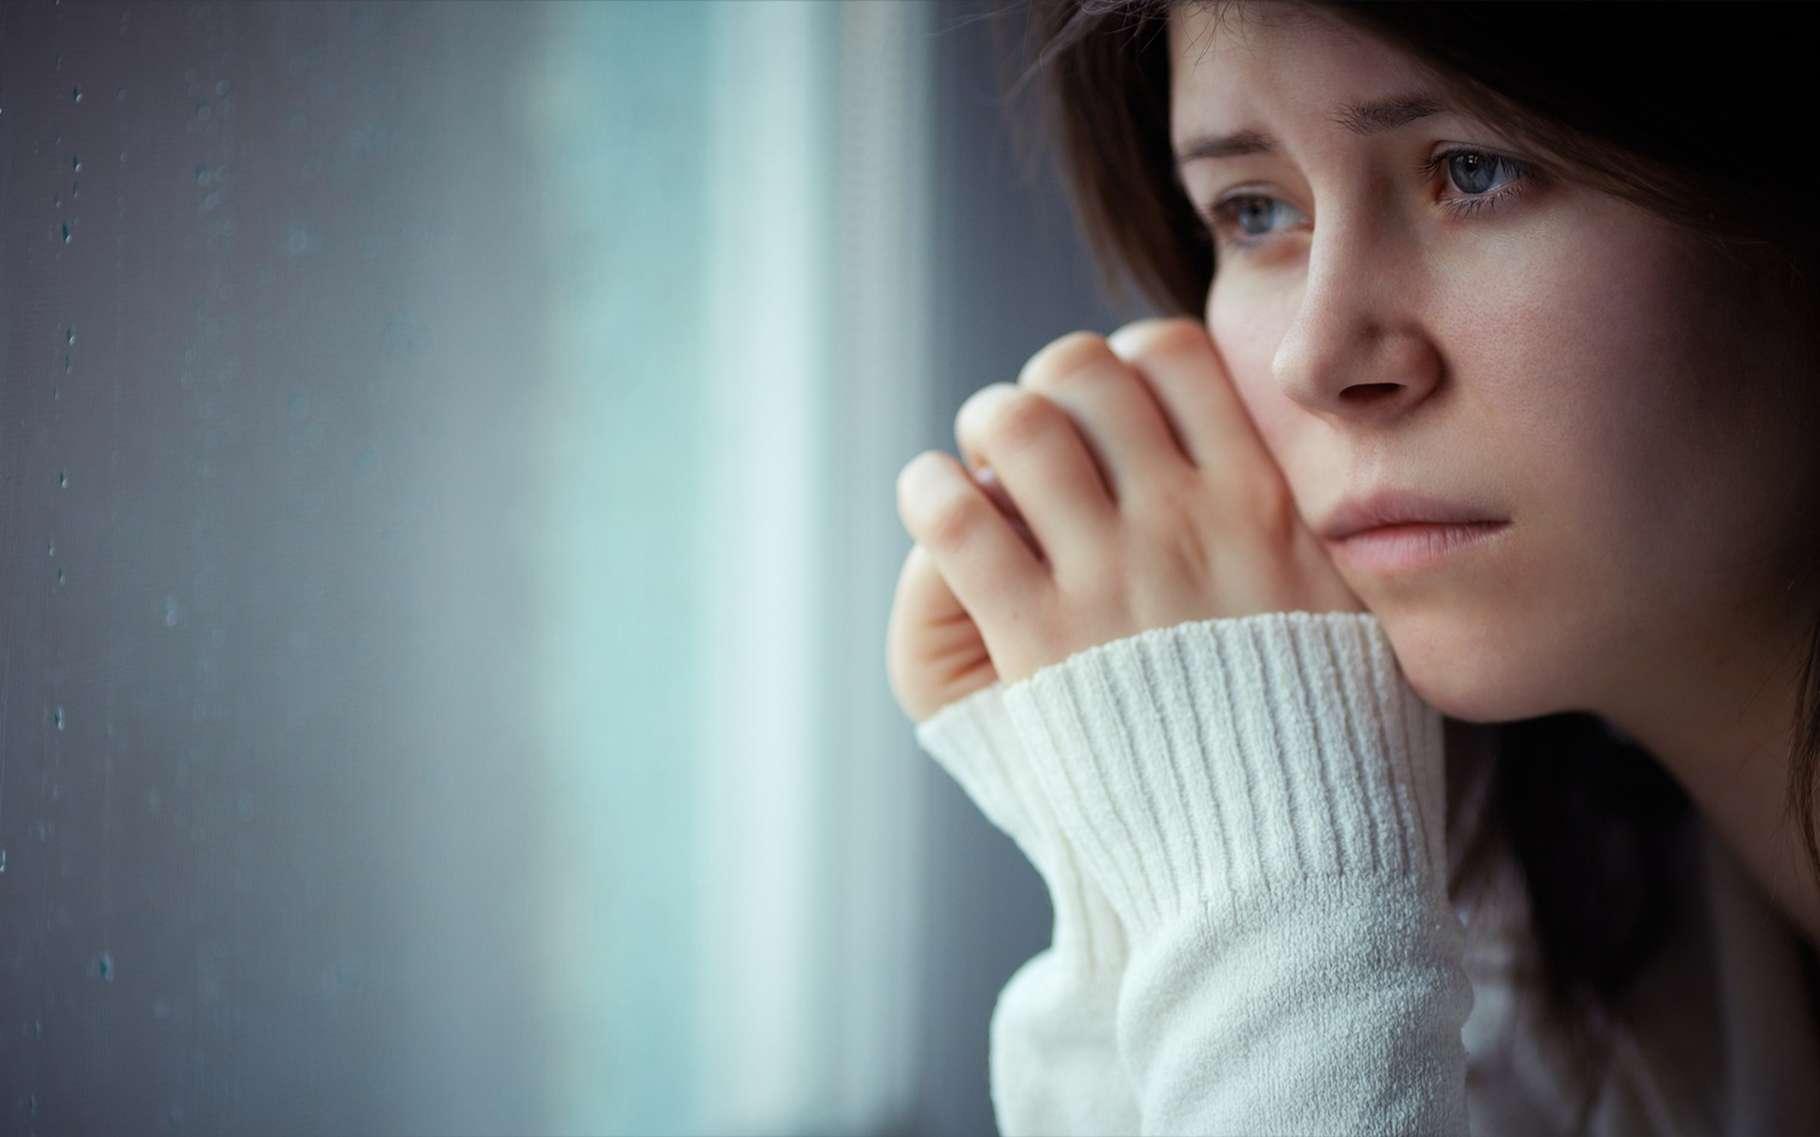 La contraception hormonale, sous différentes formes, est associée au risque de dépression. © luxorphoto, Shutterstock